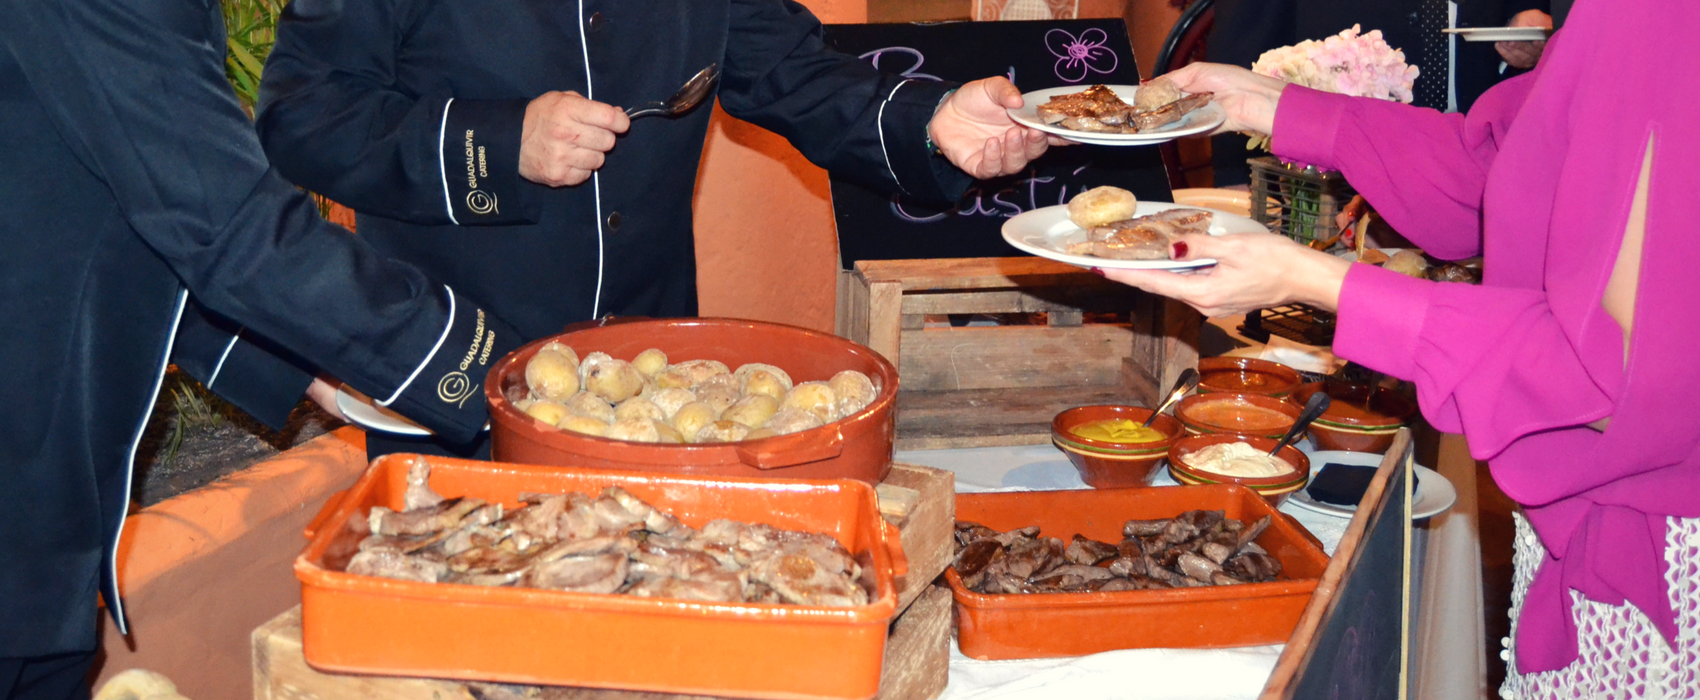 Seguridad alimentaria en catering